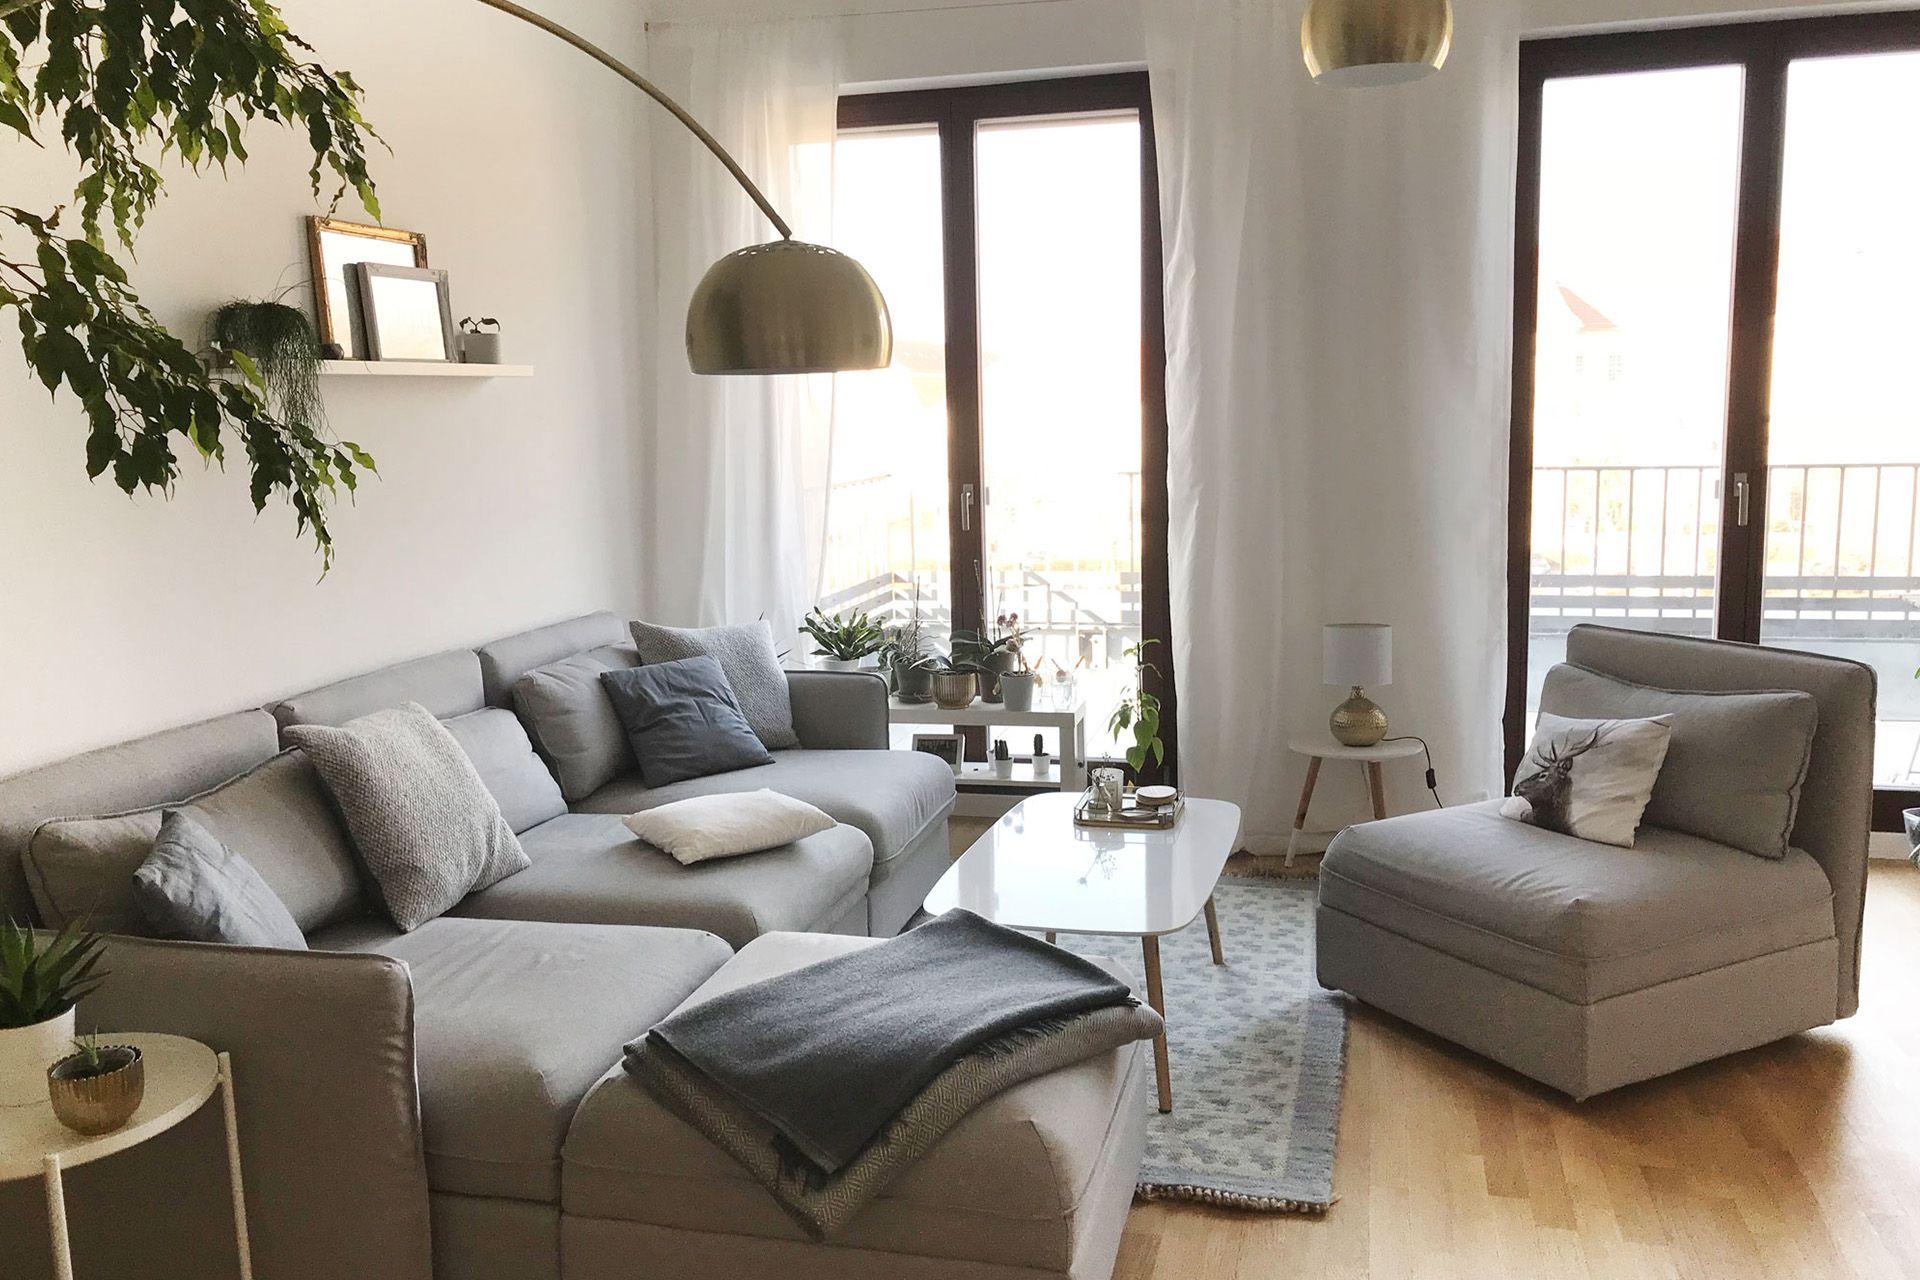 Mit Diesen Tipps Kannst Du Jede Menge Geld Sparen Bei Deiner Wohnungseinrichtung Interior H Wohnungseinrichtung Wohnzimmer Ikea Wohnzimmer Innenarchitektur